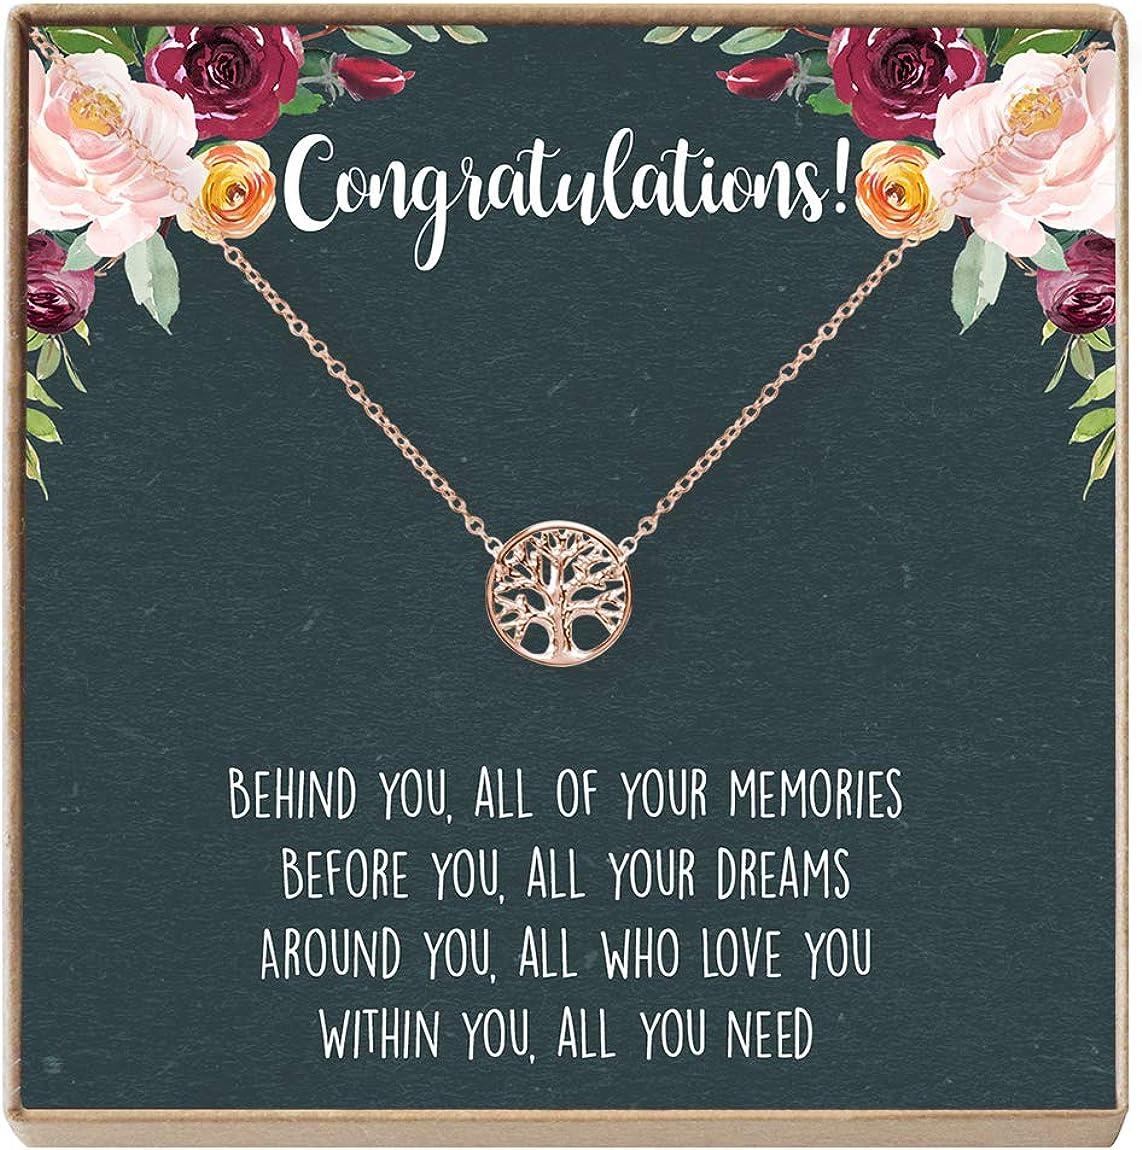 期間限定今なら送料無料 Graduation Necklace - Presents Heartfelt Card Gift 格安 Jewelry fo